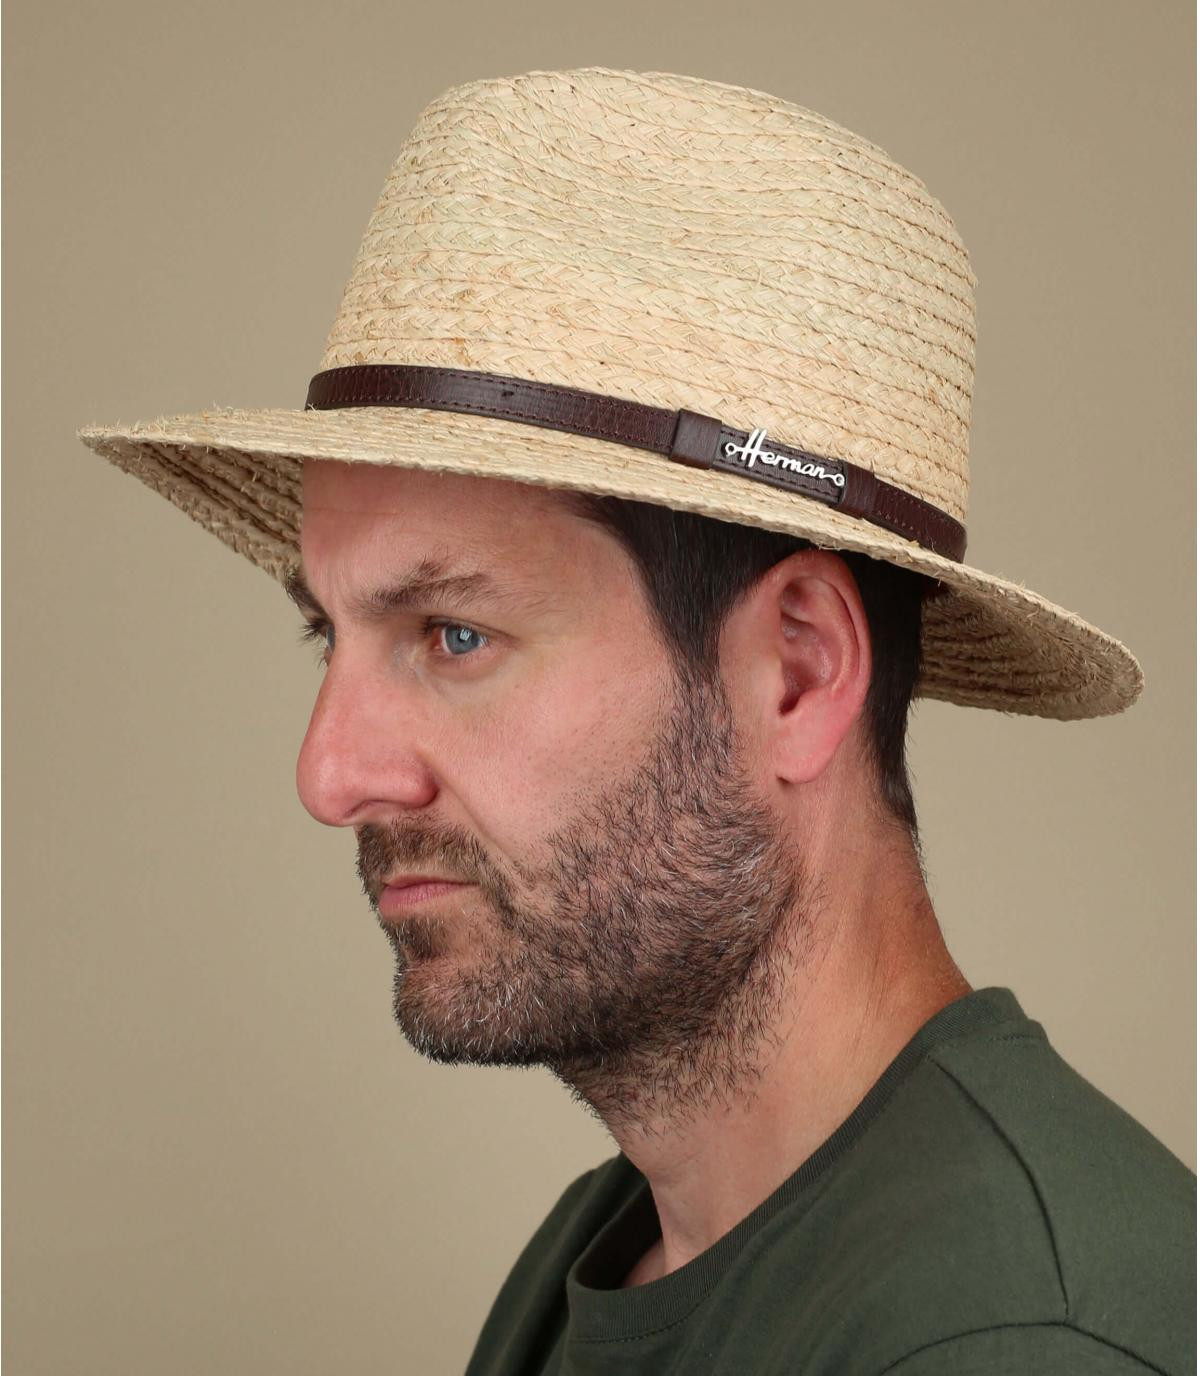 cappello di paglia a tesa larga